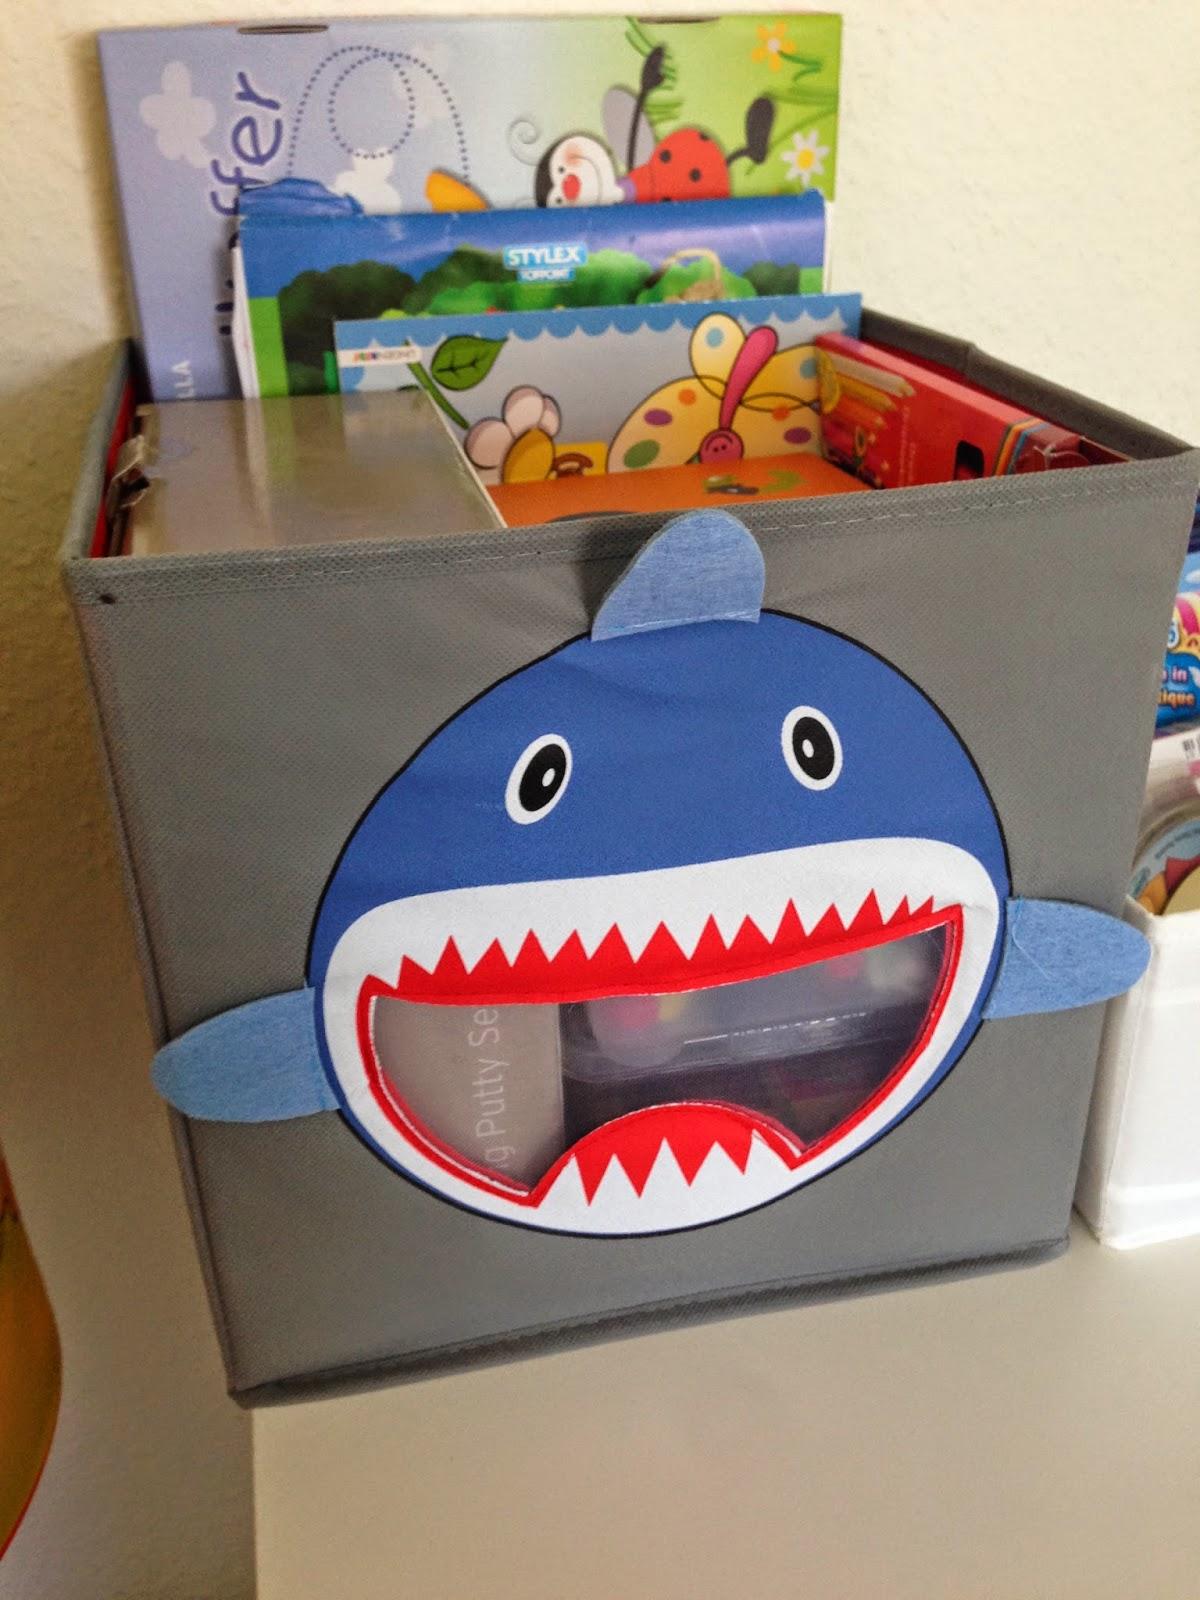 Kiste für Bastel- und Malsachen von Depot.